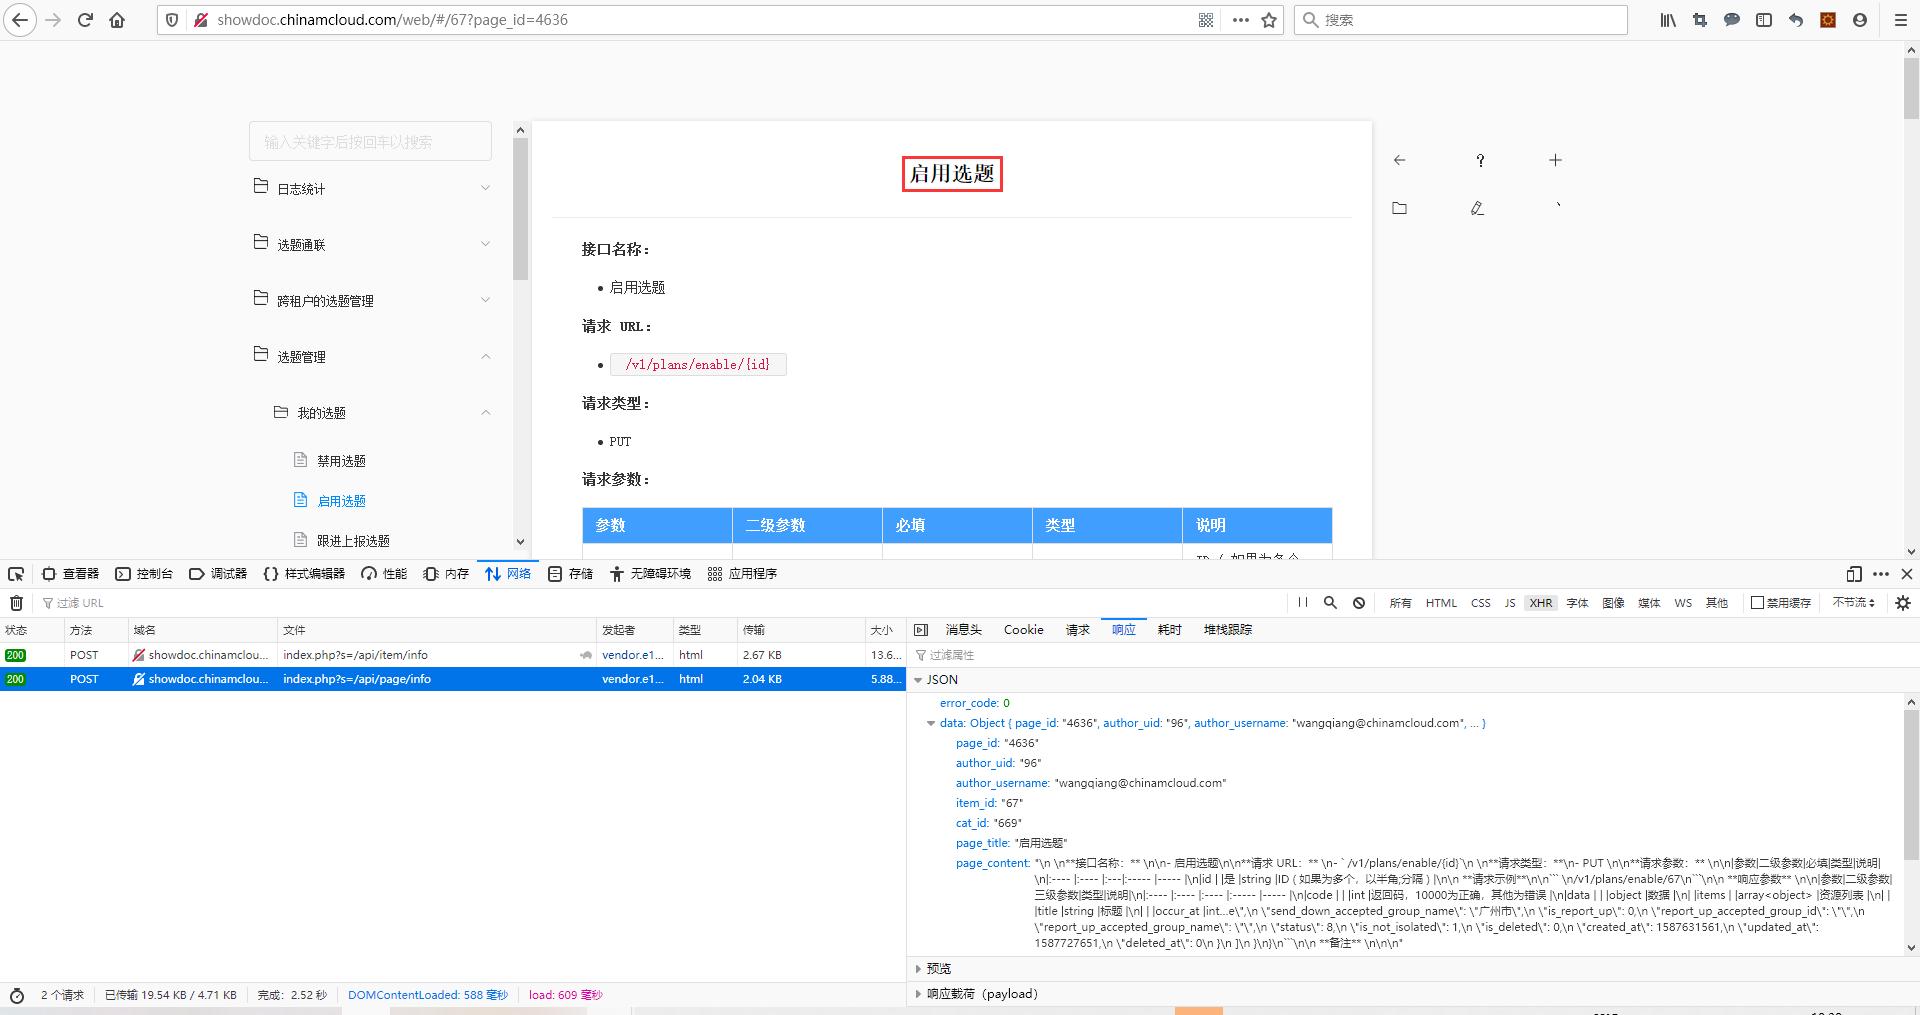 返回文档页面,标题:启用选题,添加的测试两字未显示。即保存成功后,文档无变化。